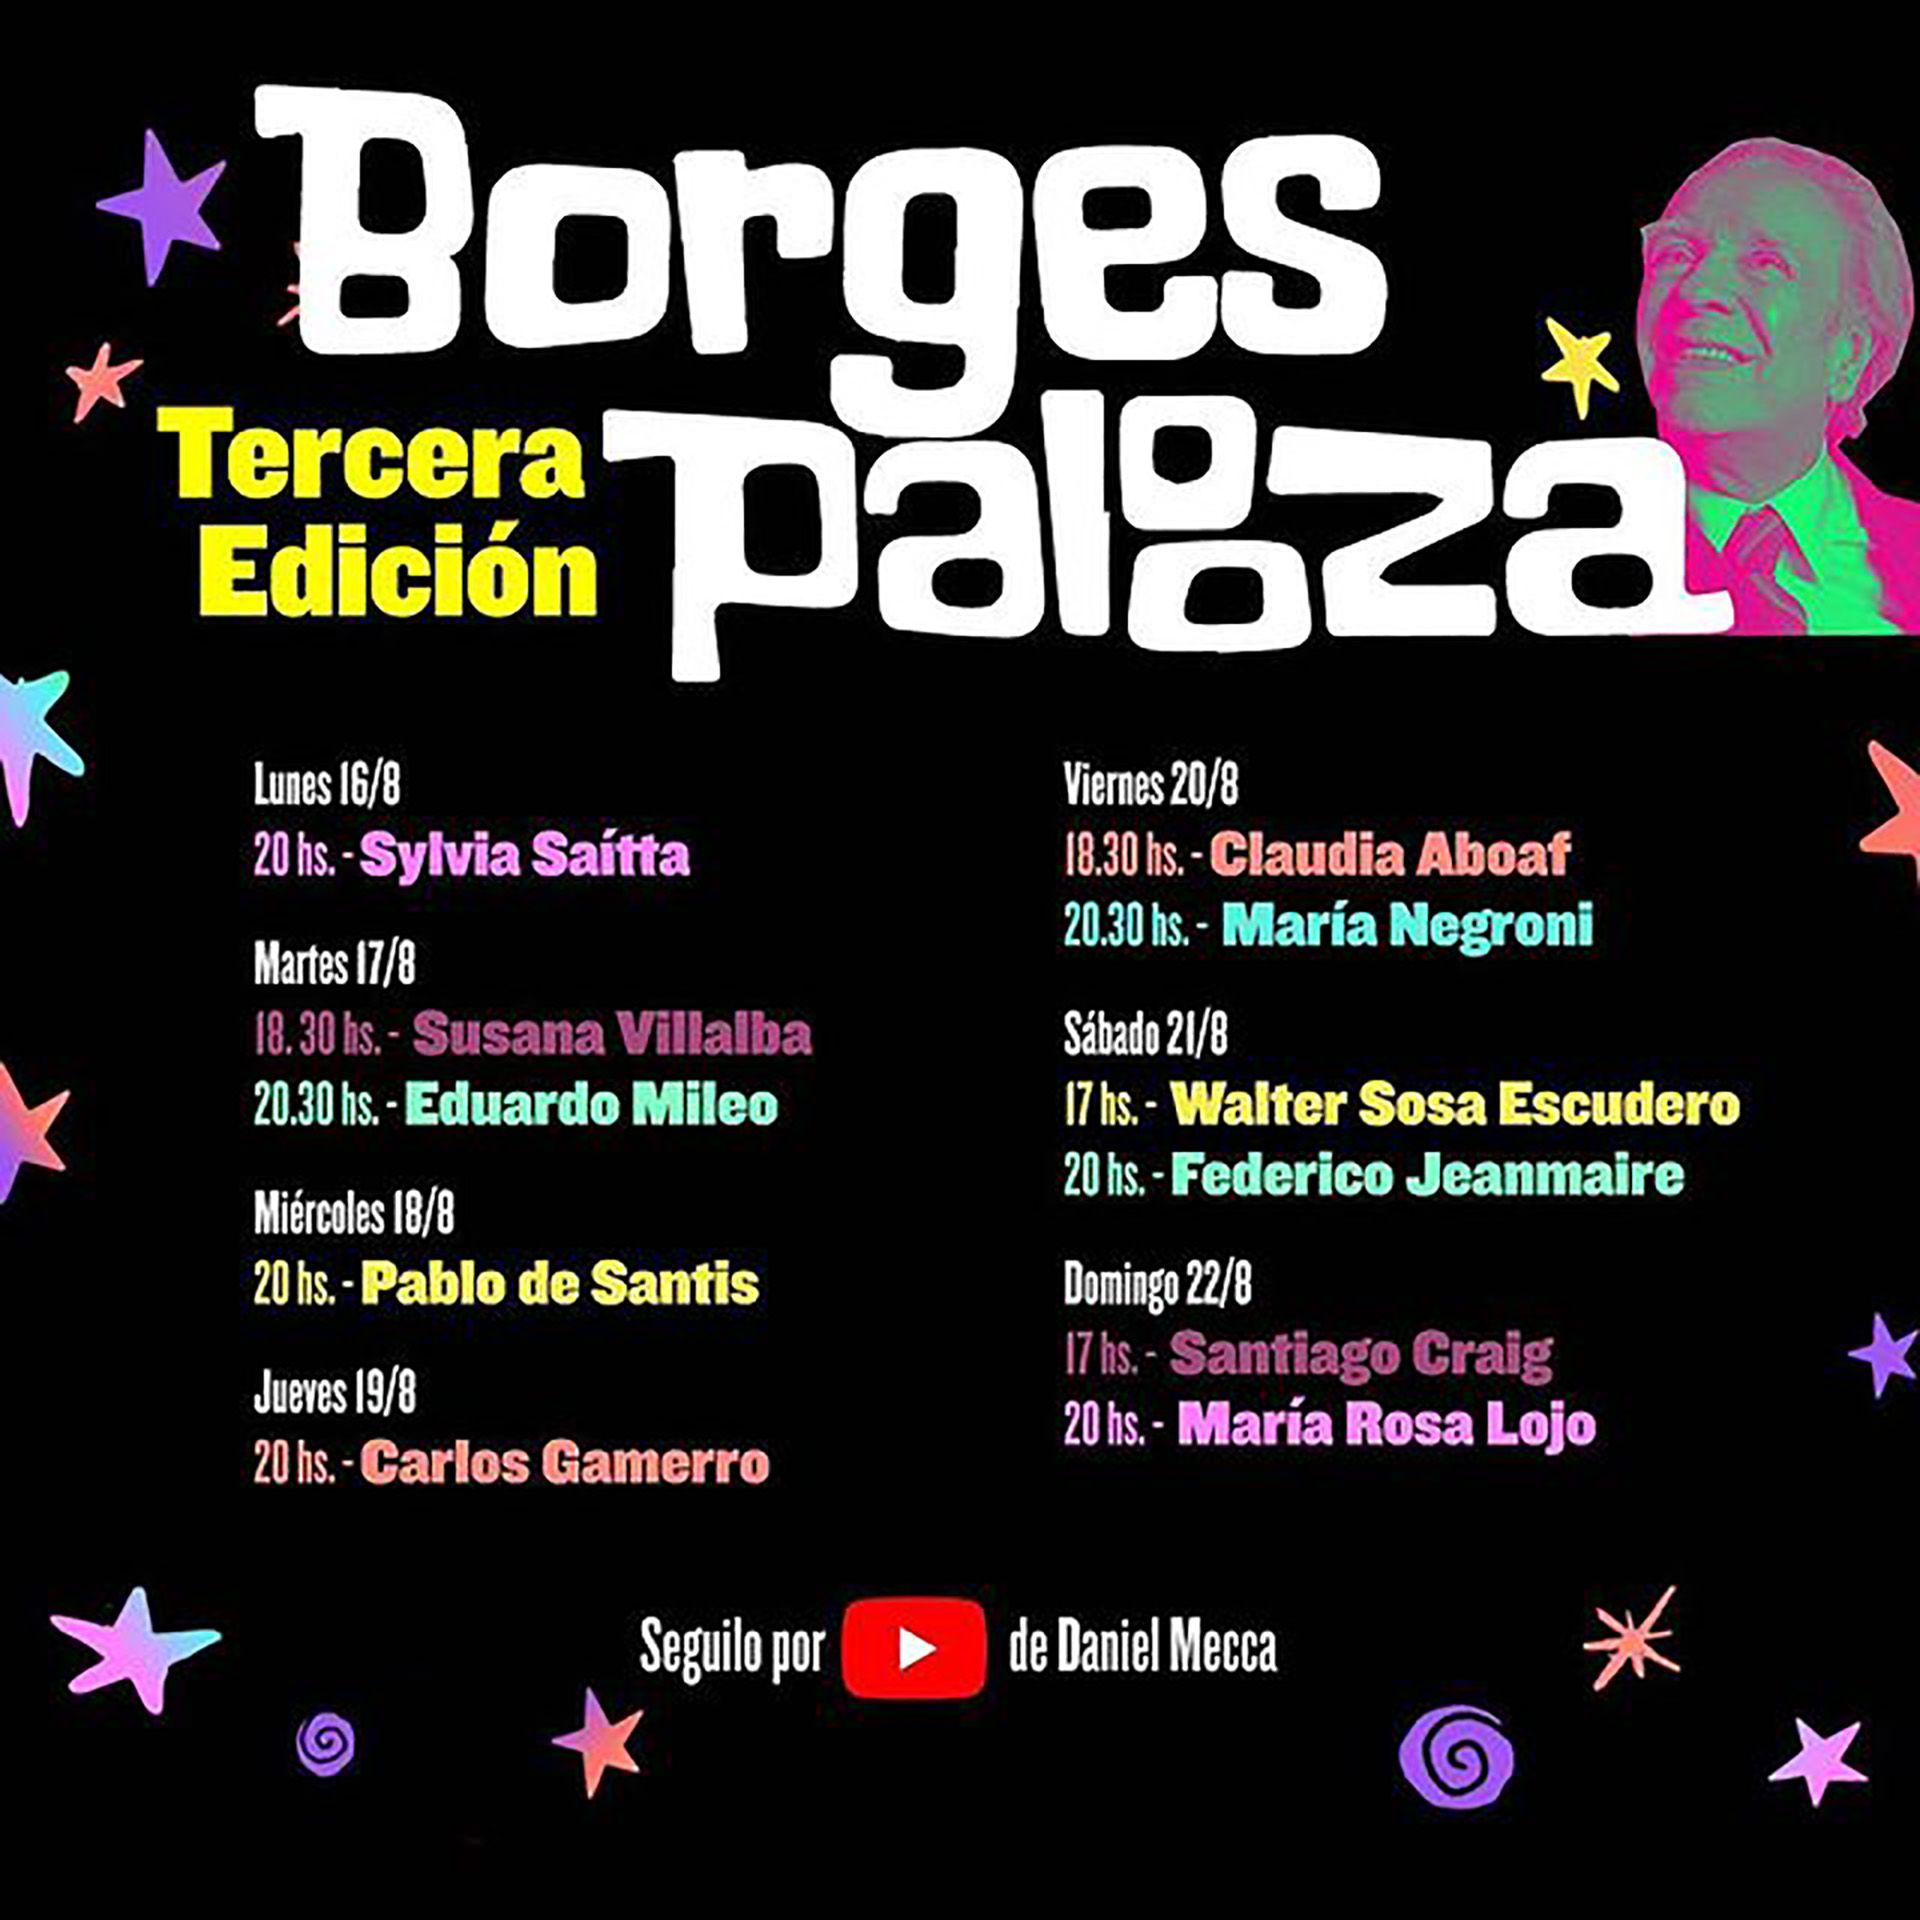 Borges festival